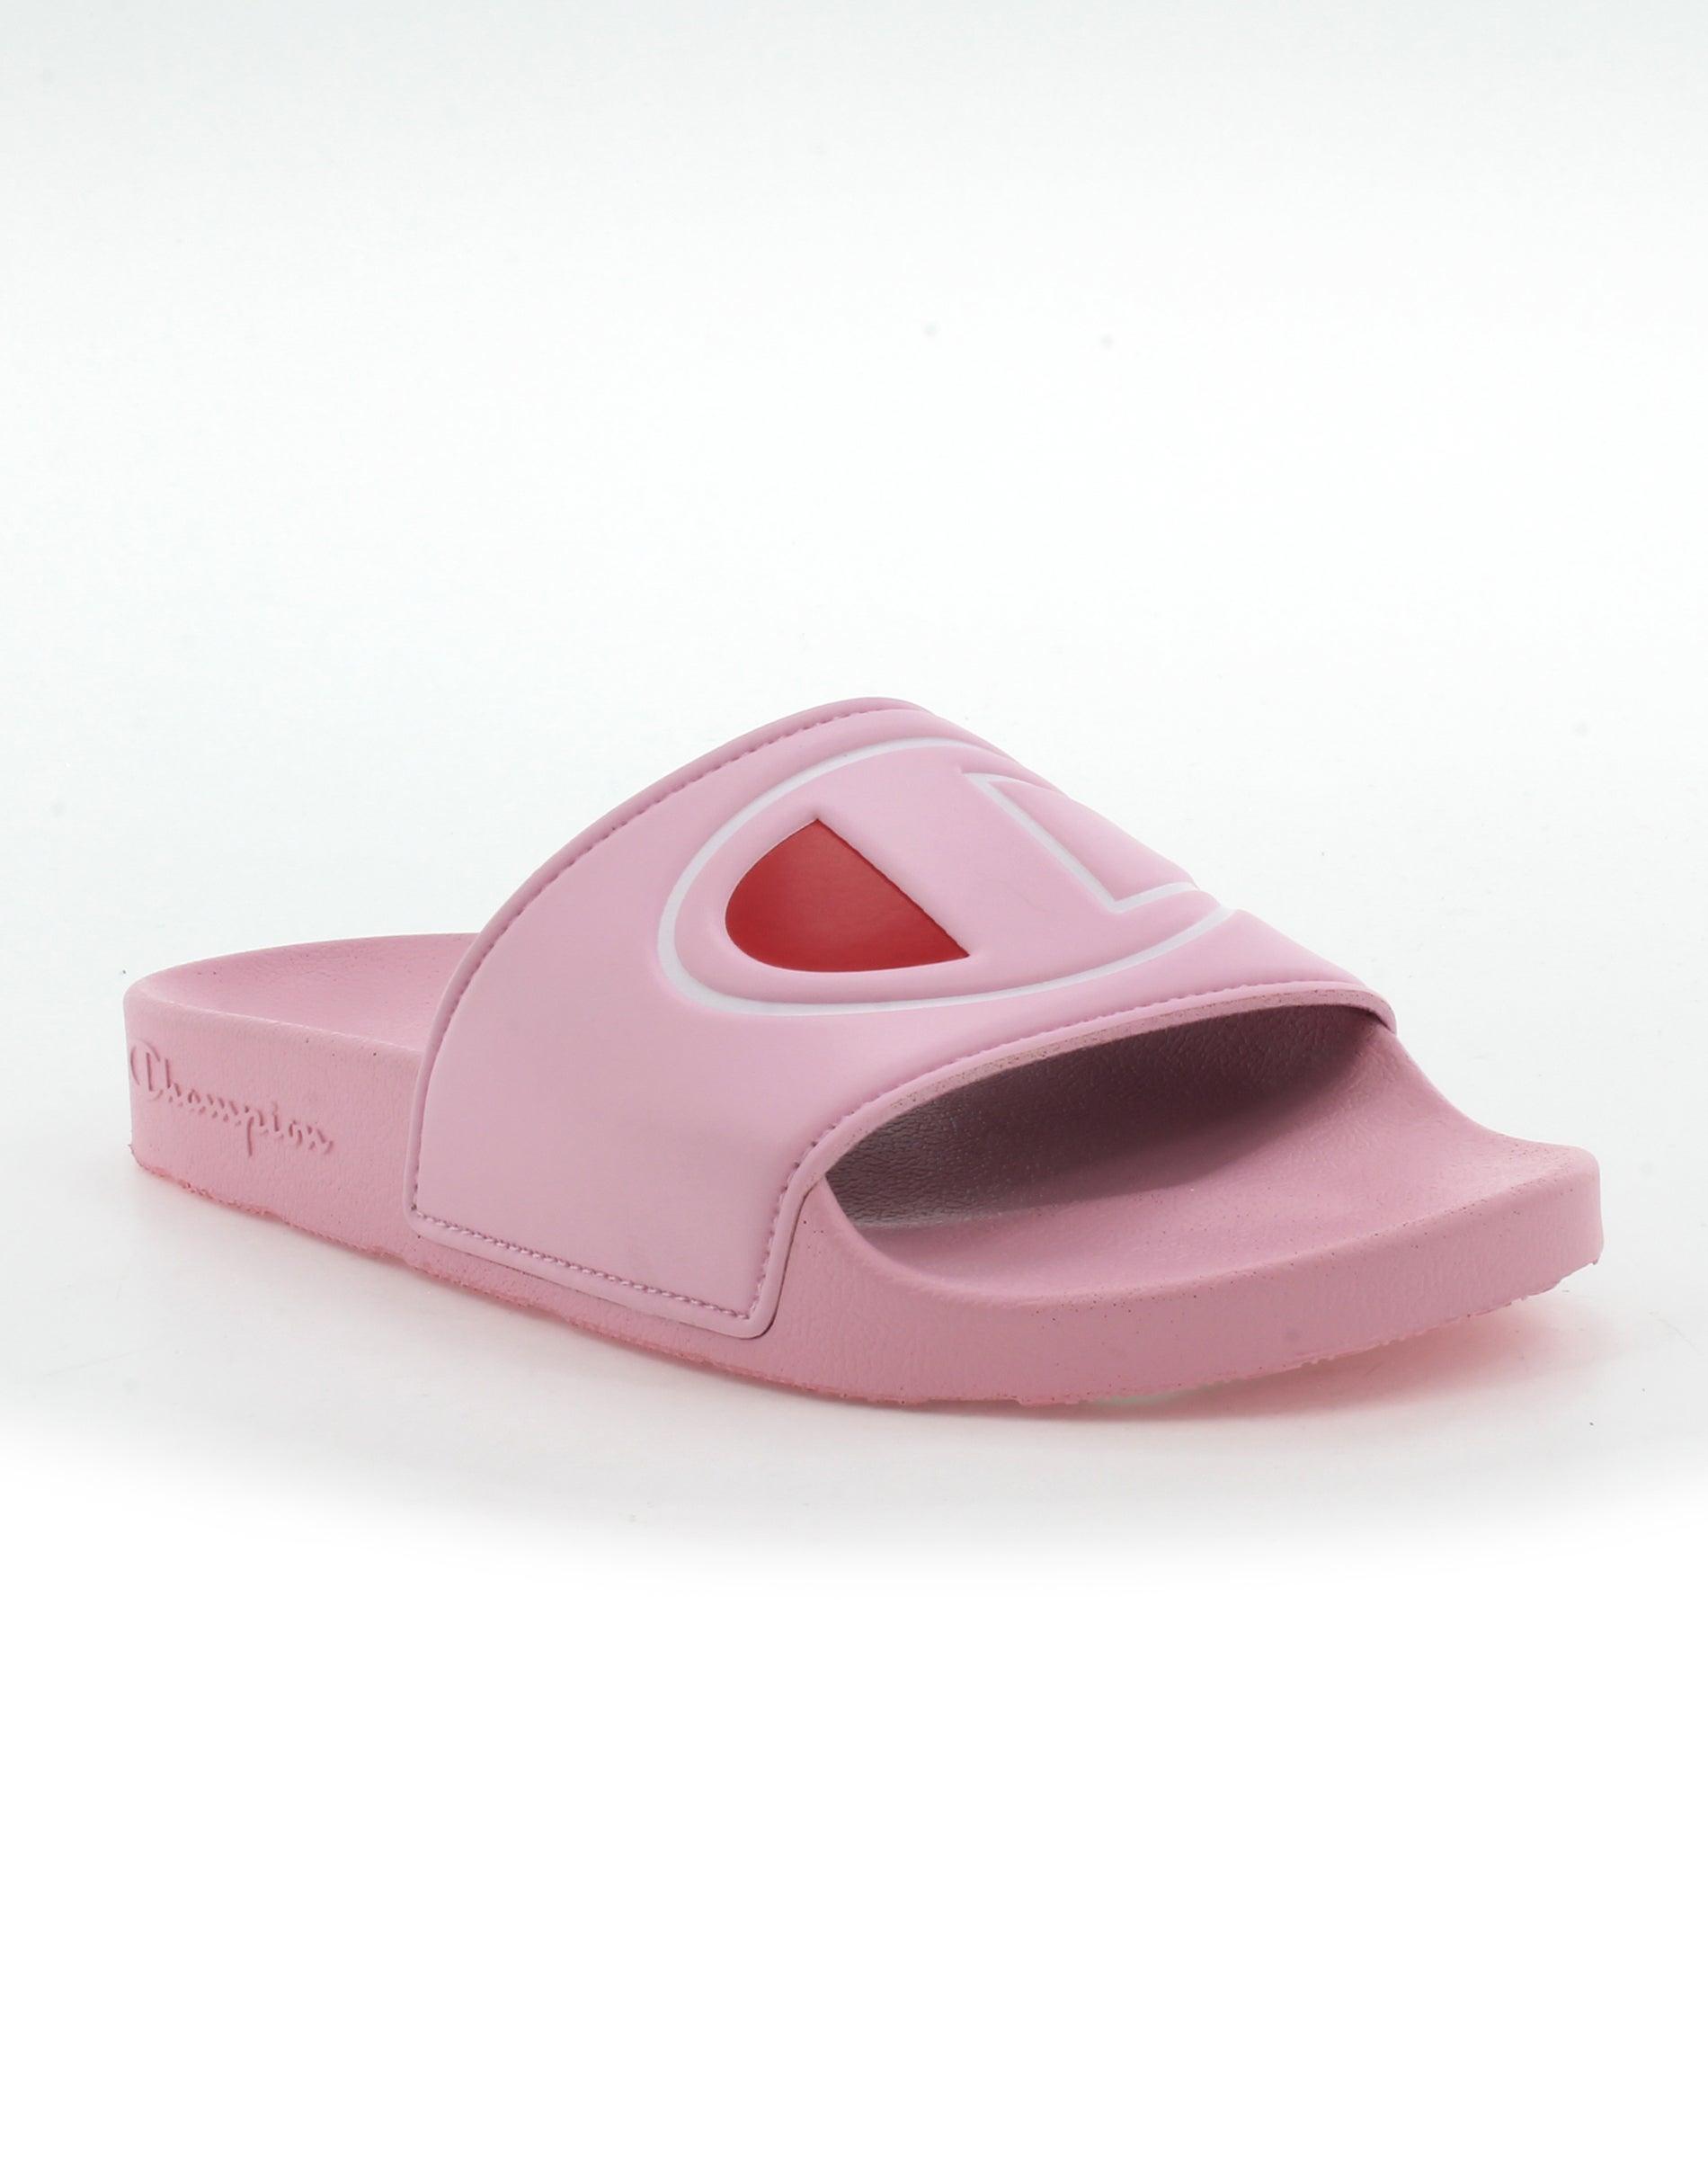 champion flip flops for women